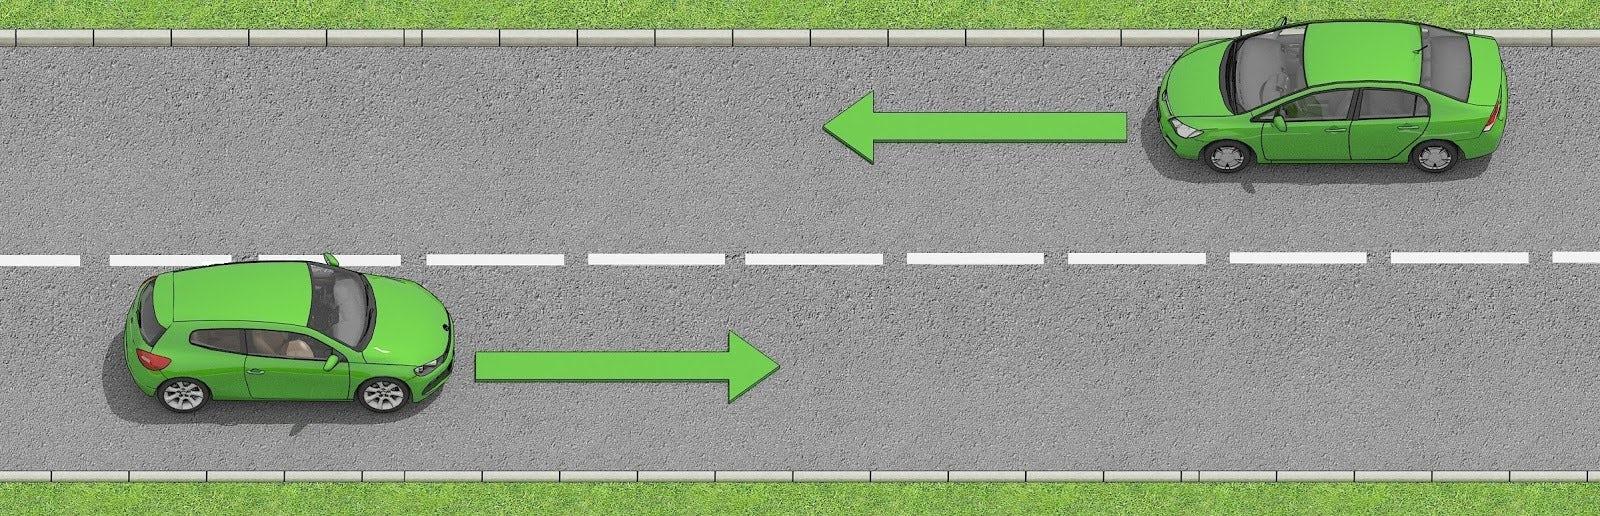 Två bilar som möts på väg där det är varningslinjer som delar vägen.